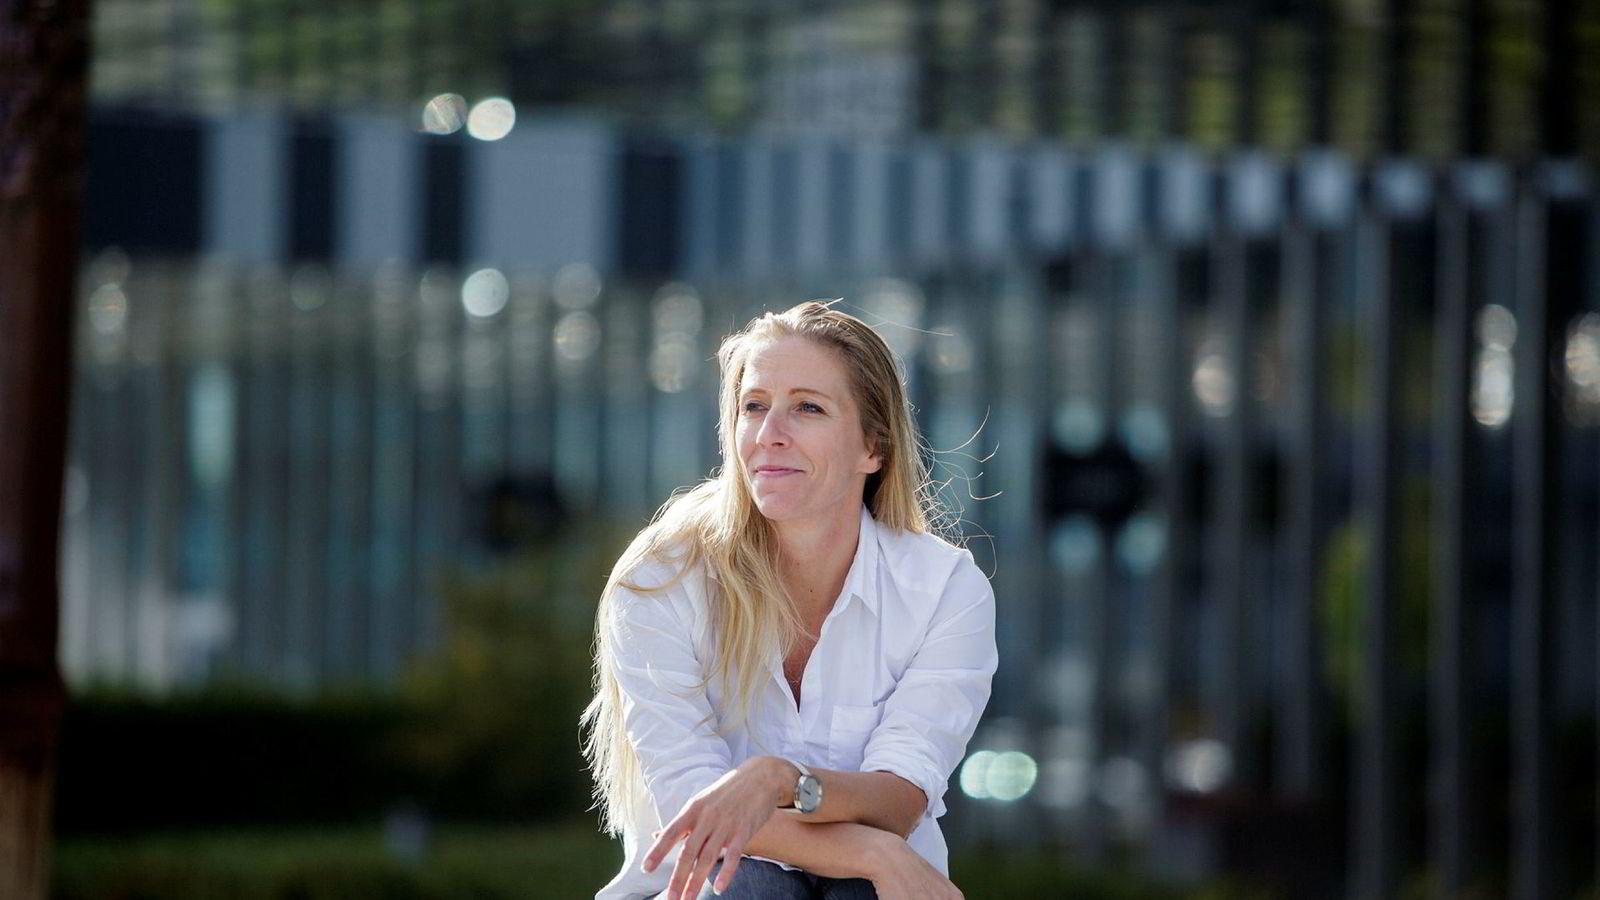 Røkke er en norsk industribygger som har lykkes med store innovasjoner i norsk næringsliv. Når han nå satser på havets helse, vil det tilføre de norske kompetansemiljøene nye nettverk og innsikt i globale utfordringer og løsninger knyttet til havet, skriver innleggsforfatterne. Her Rev Ocean-leder Nina Jensen.